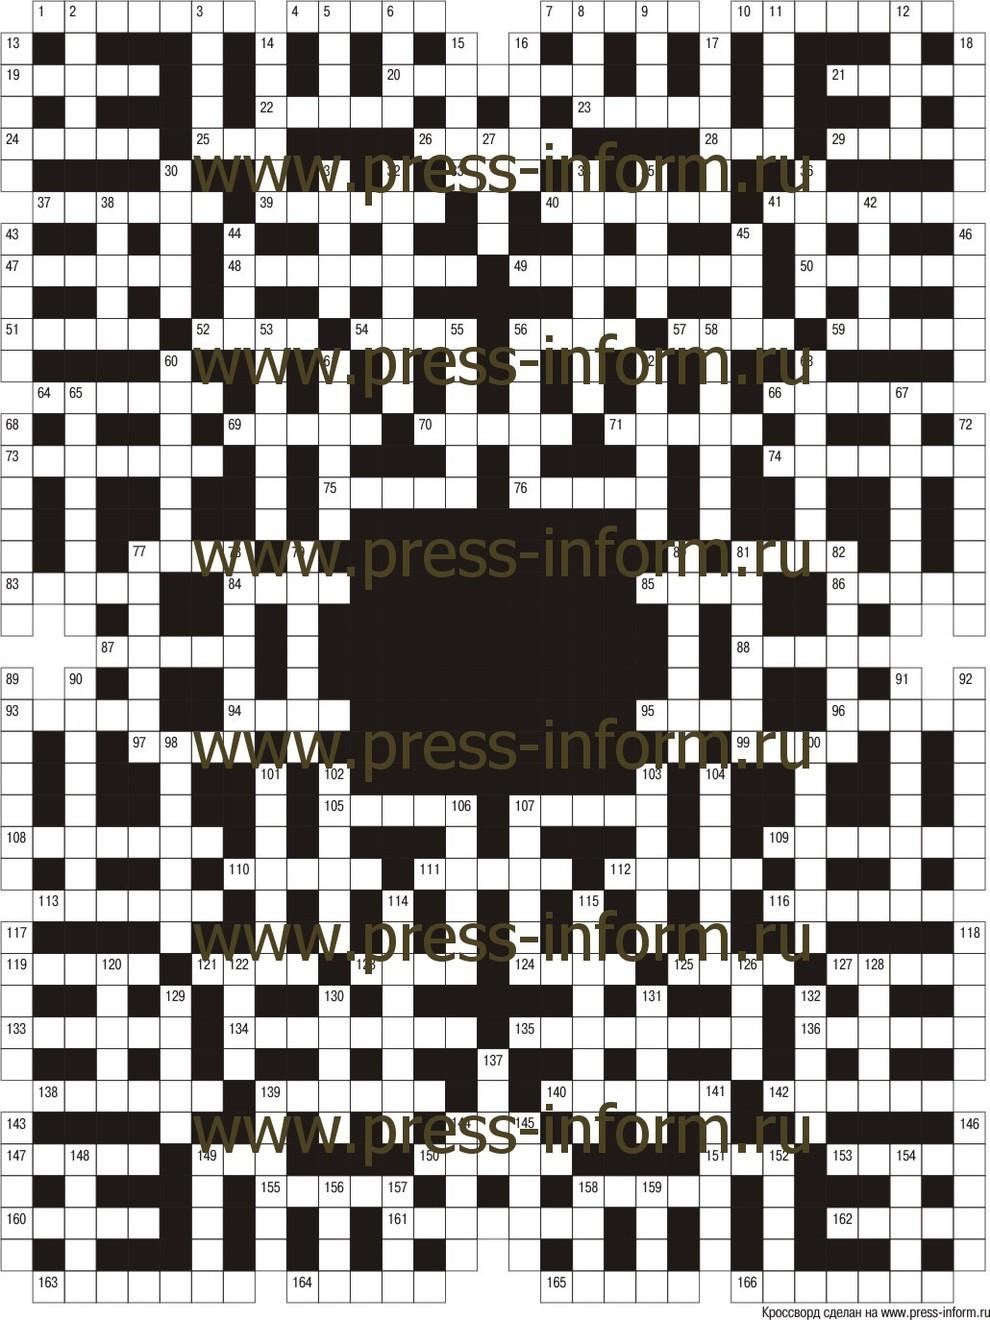 лассический кроссворд  rx клеток, пустой блок 9х9